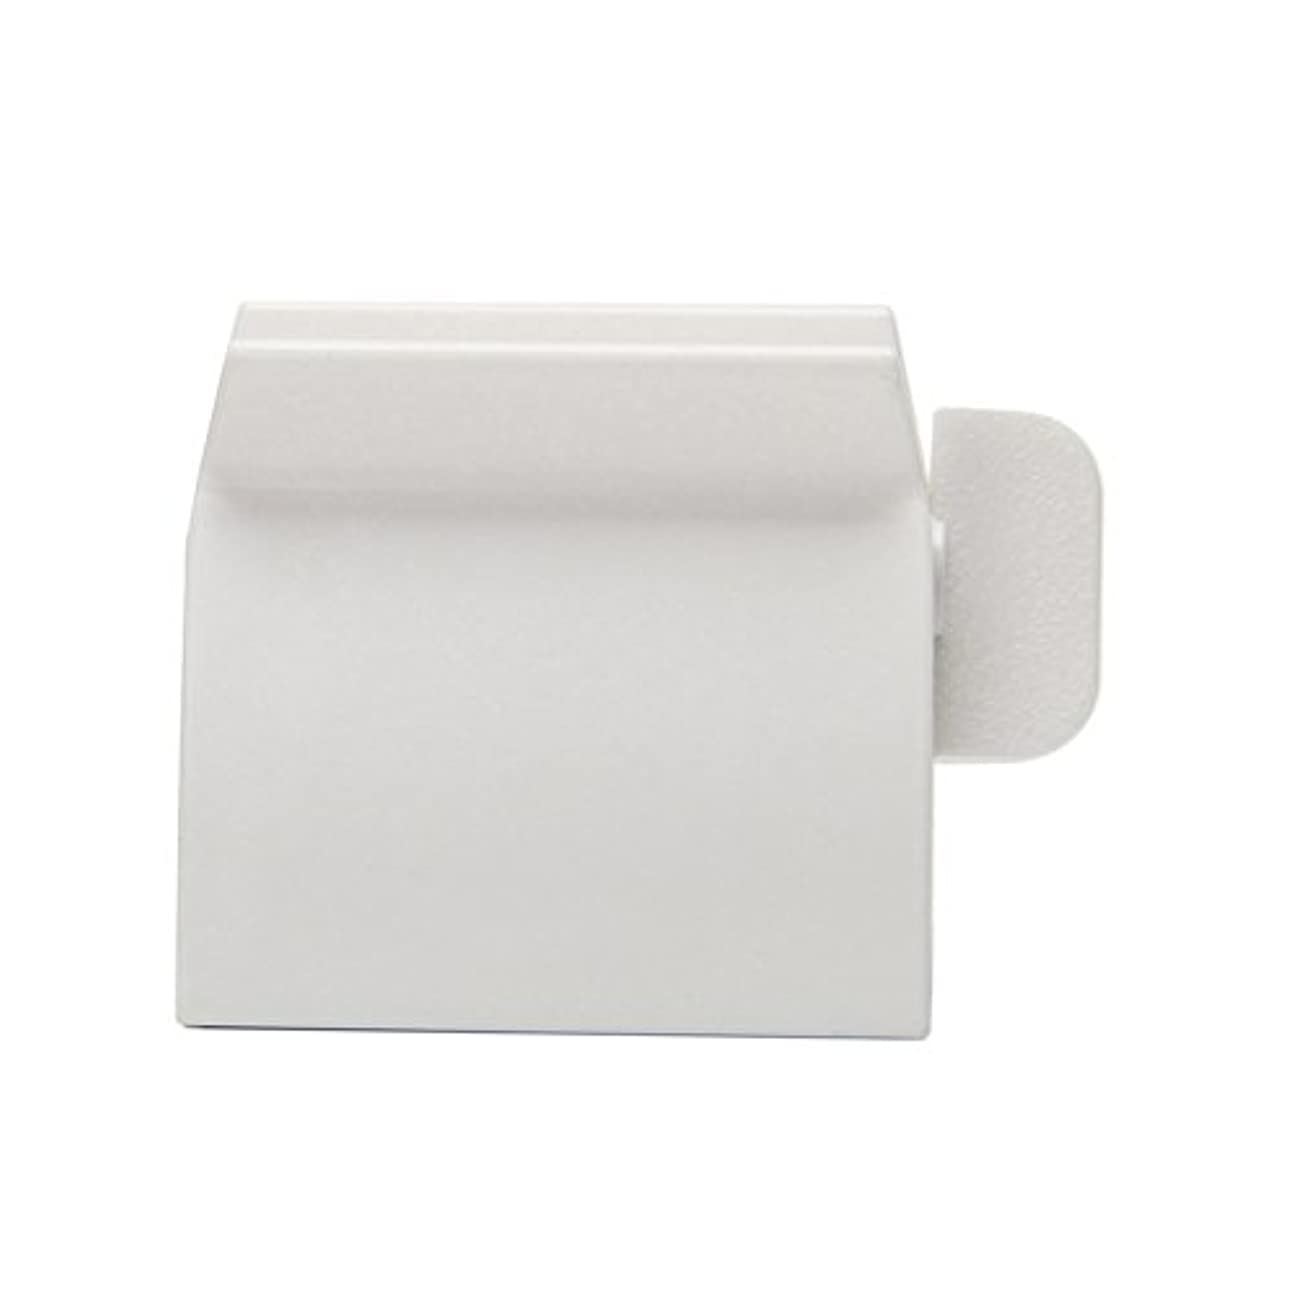 祝福する哲学者集計Lamdoo浴室ホームチューブローリングホルダースクイーザ簡単歯磨き粉ディスペンサー